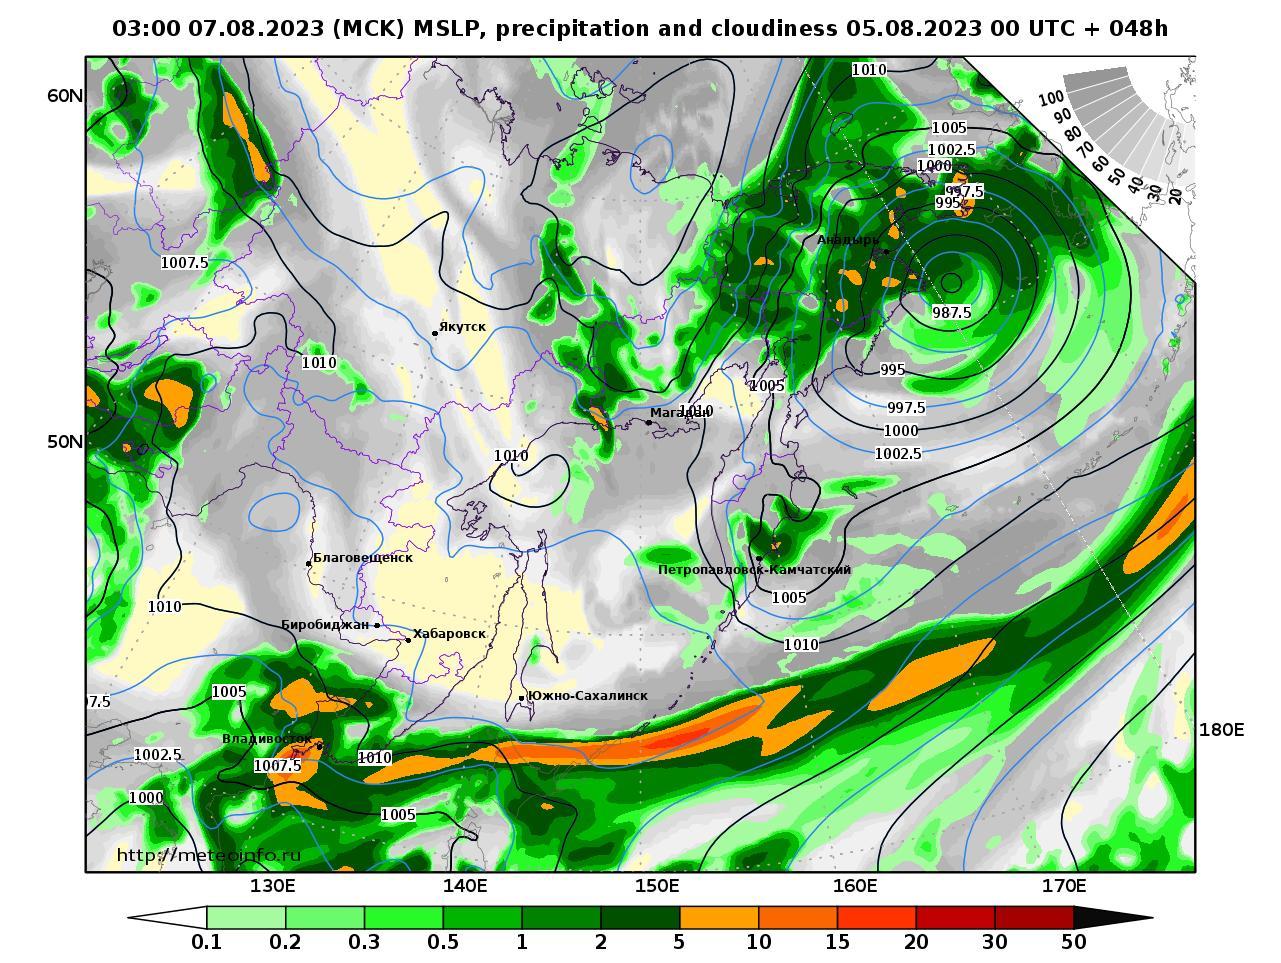 Дальний Восток, прогностическая карта осадки и давление, заблаговременность прогноза 48 часов